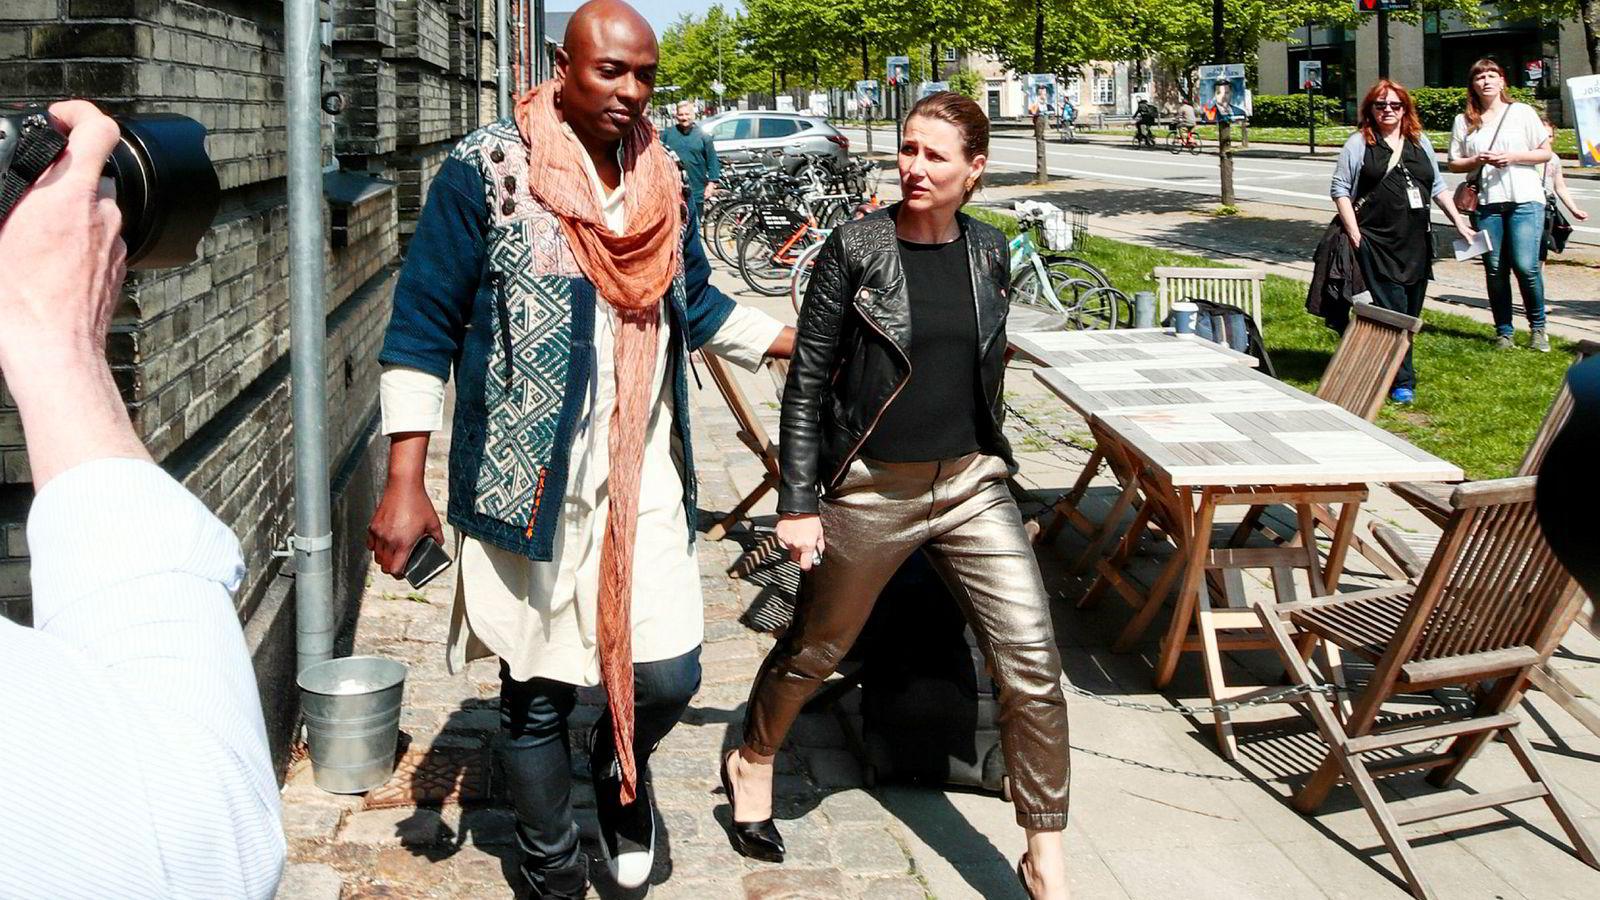 Prinsesse Märtha og Durek Verrett startet sin turné «The Princess and The Shaman» i København søndag. Kongehuset følger med på debatten om blant annet bruken av prinsessetittelen i kommersiell virksomhet.